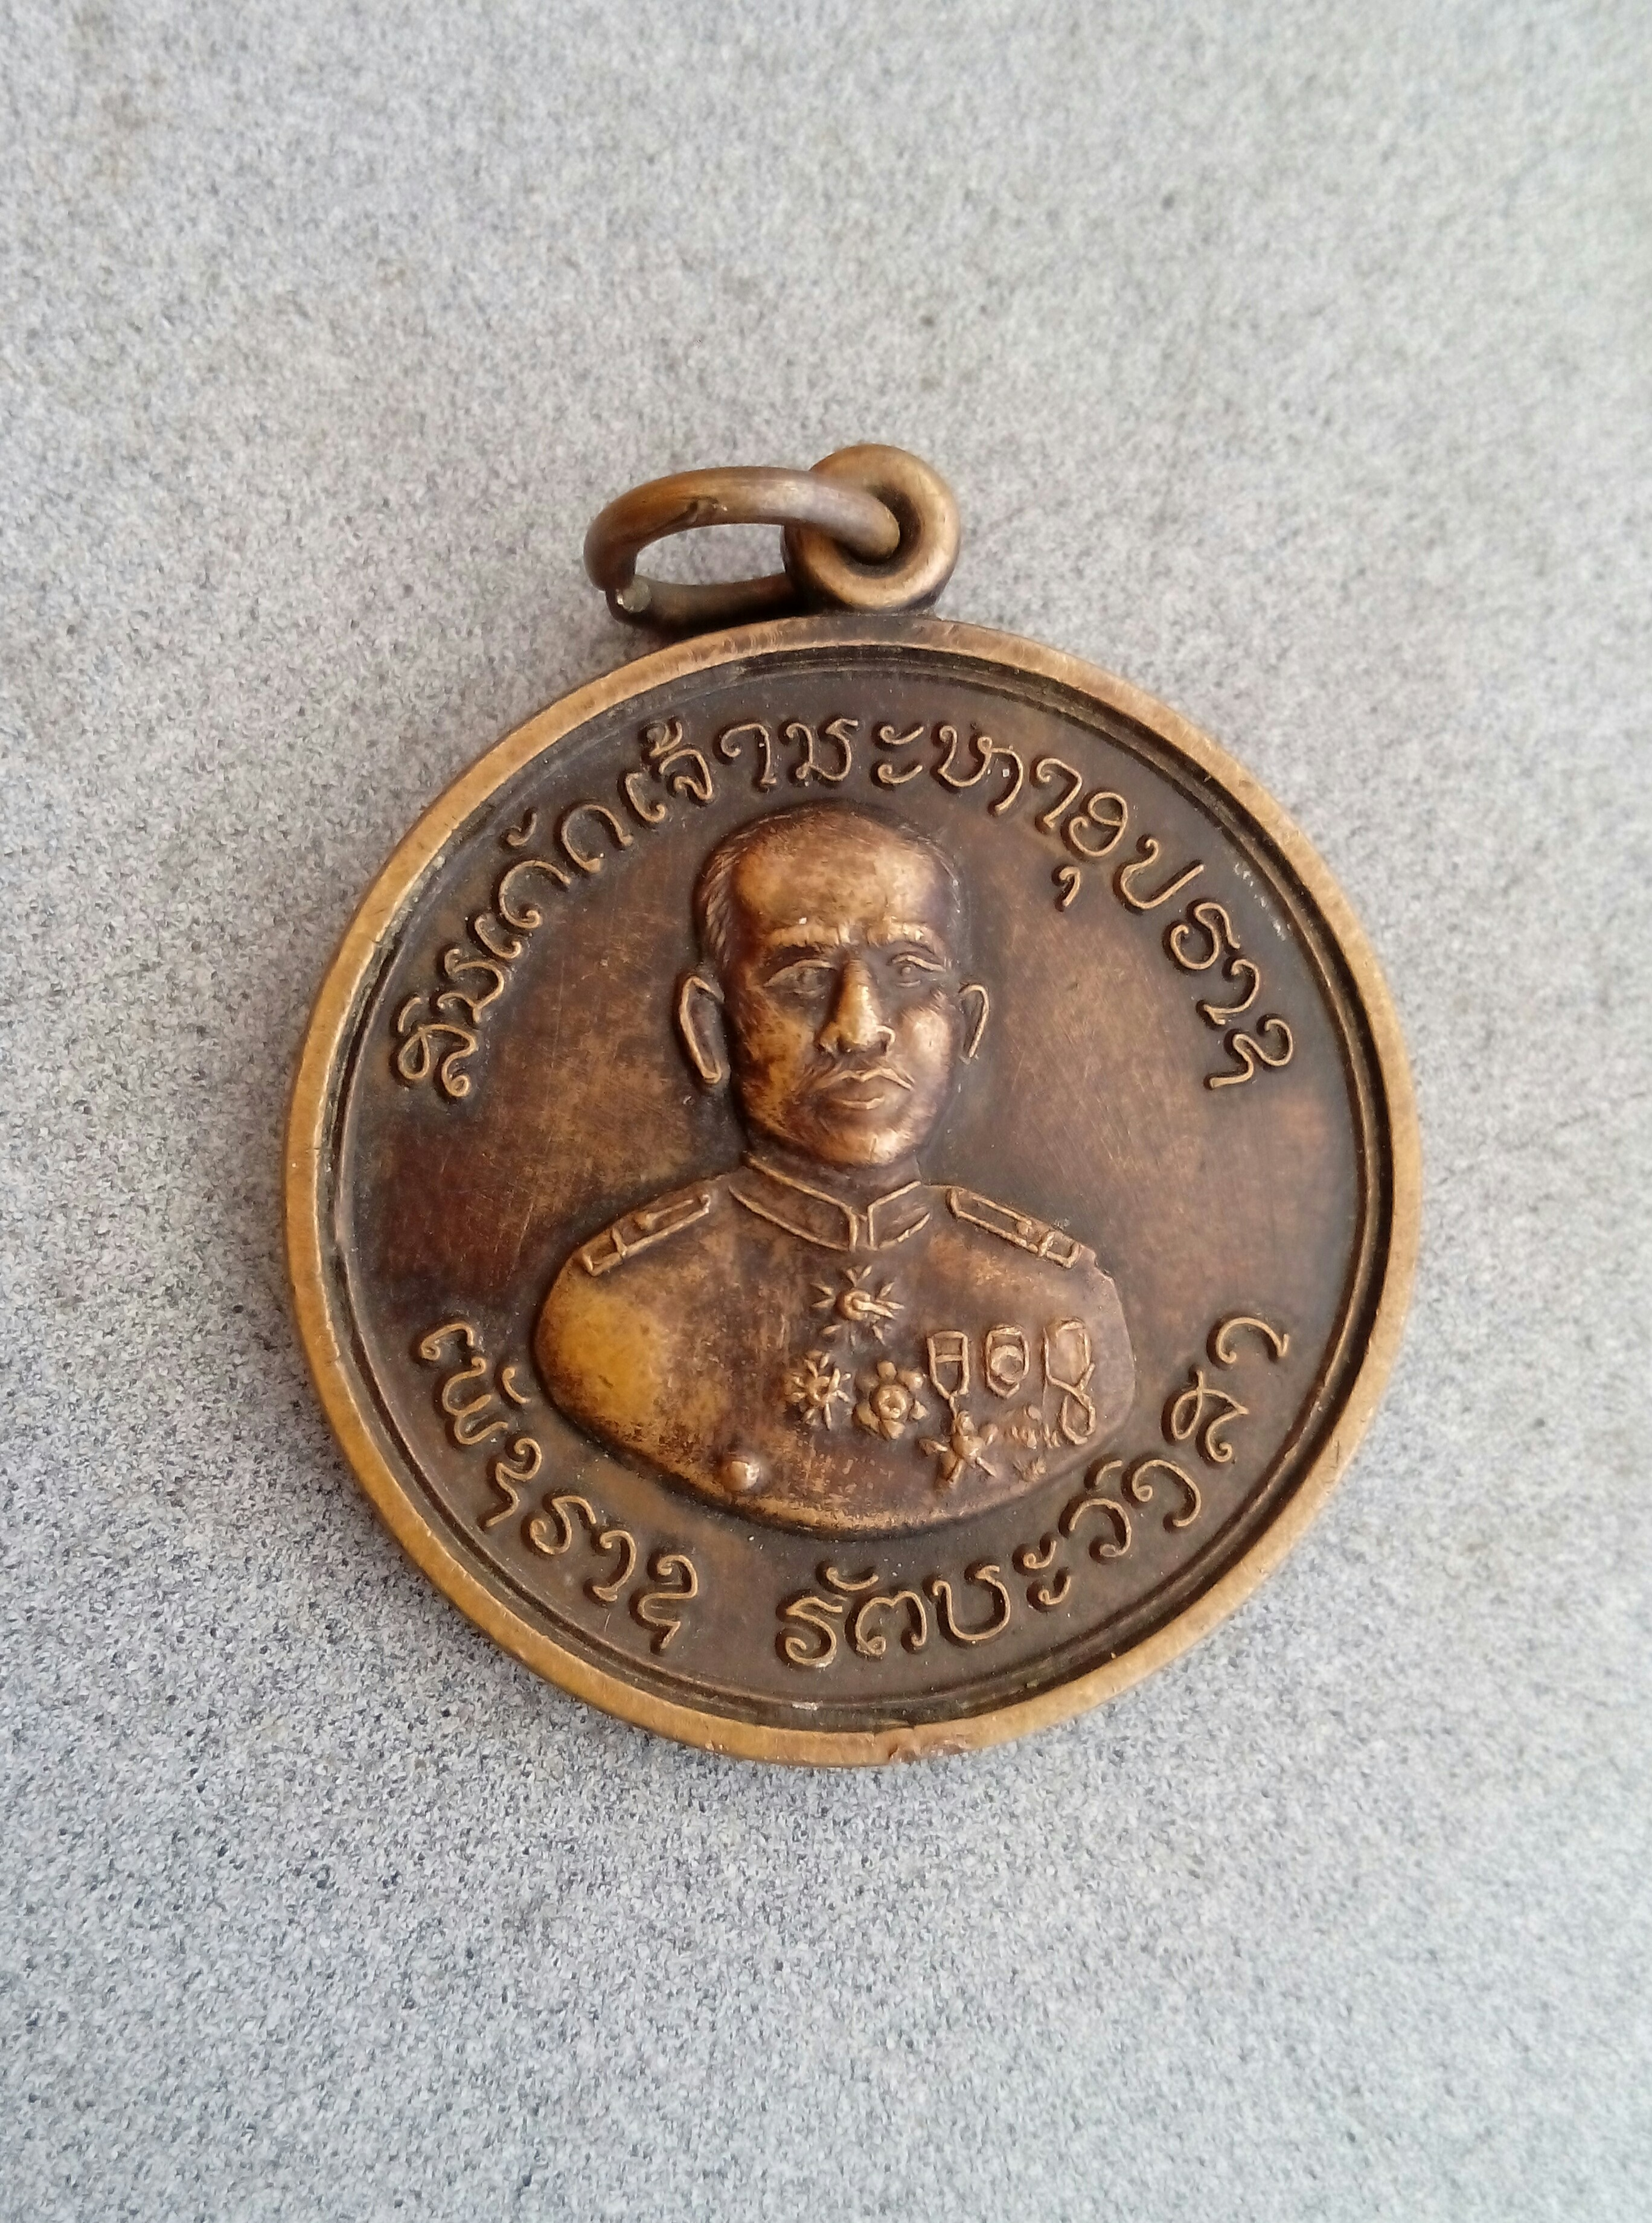 เหรียญ เจ้าเพชราช รัตนวงศา วัดสว่างพระไกสร เมืองปากงึ่ม สปป.ลาว ประเทศลาว